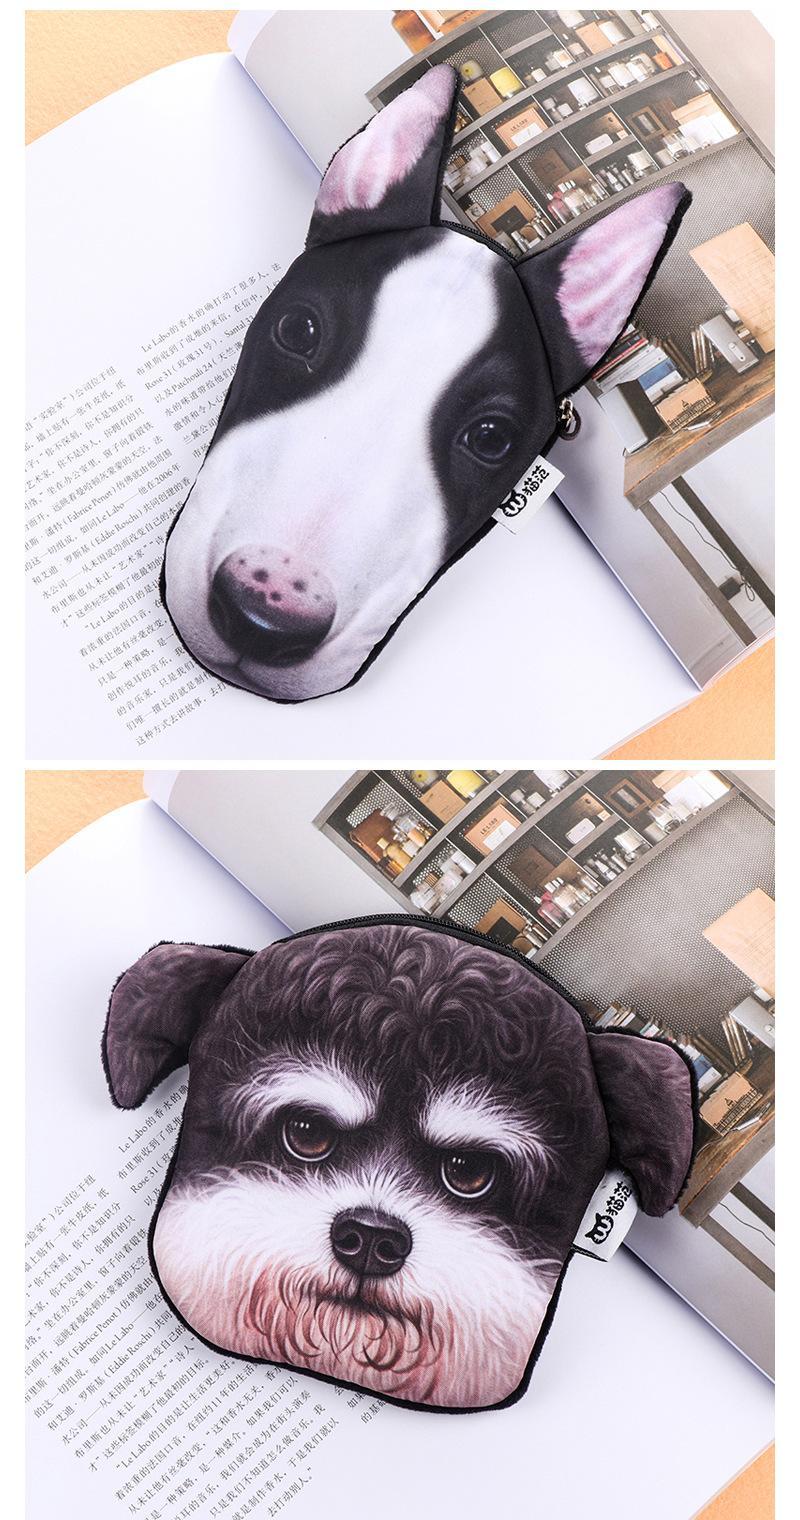 패션 어린이 동물 동전 지갑 홀더 동전을위한 3D 강아지 지갑 여성 코인 가방 어린이 지퍼 귀여운 작은 지갑 홀더 여자 지갑